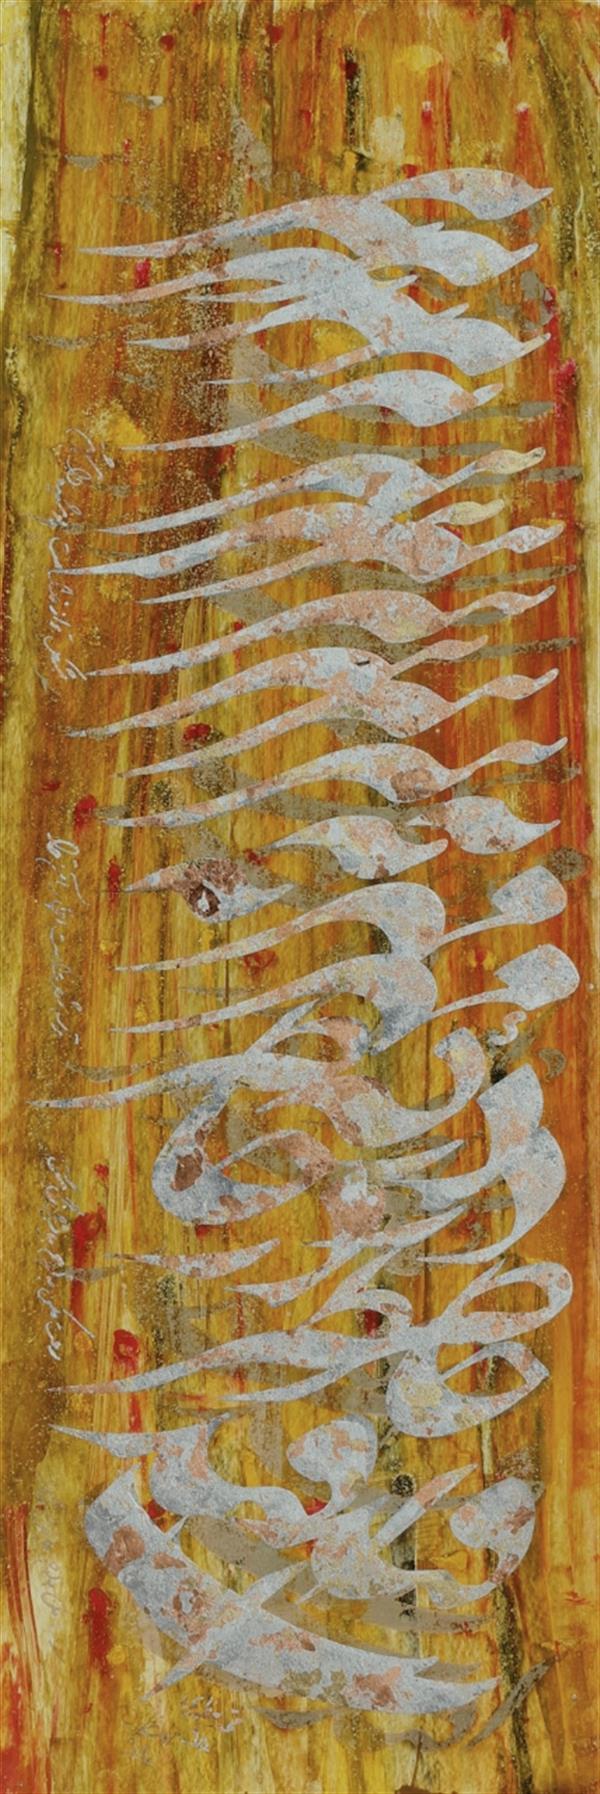 هنر خوشنویسی محفل خوشنویسی محمد مظهری هر سِرّ سَر به مهر که در خاطر افتدت، سرعت مکن به لوح بیانش نگاشتن، ترسم شود غرامت اظهار آن ترا، مشکل تر از ندامت پوشیده داشتن...(بهارستان جامی) ورق فلزات و اکریلیک روی مقوا، پرس شده روی پلکسی، قلم ۲.۵ سانت